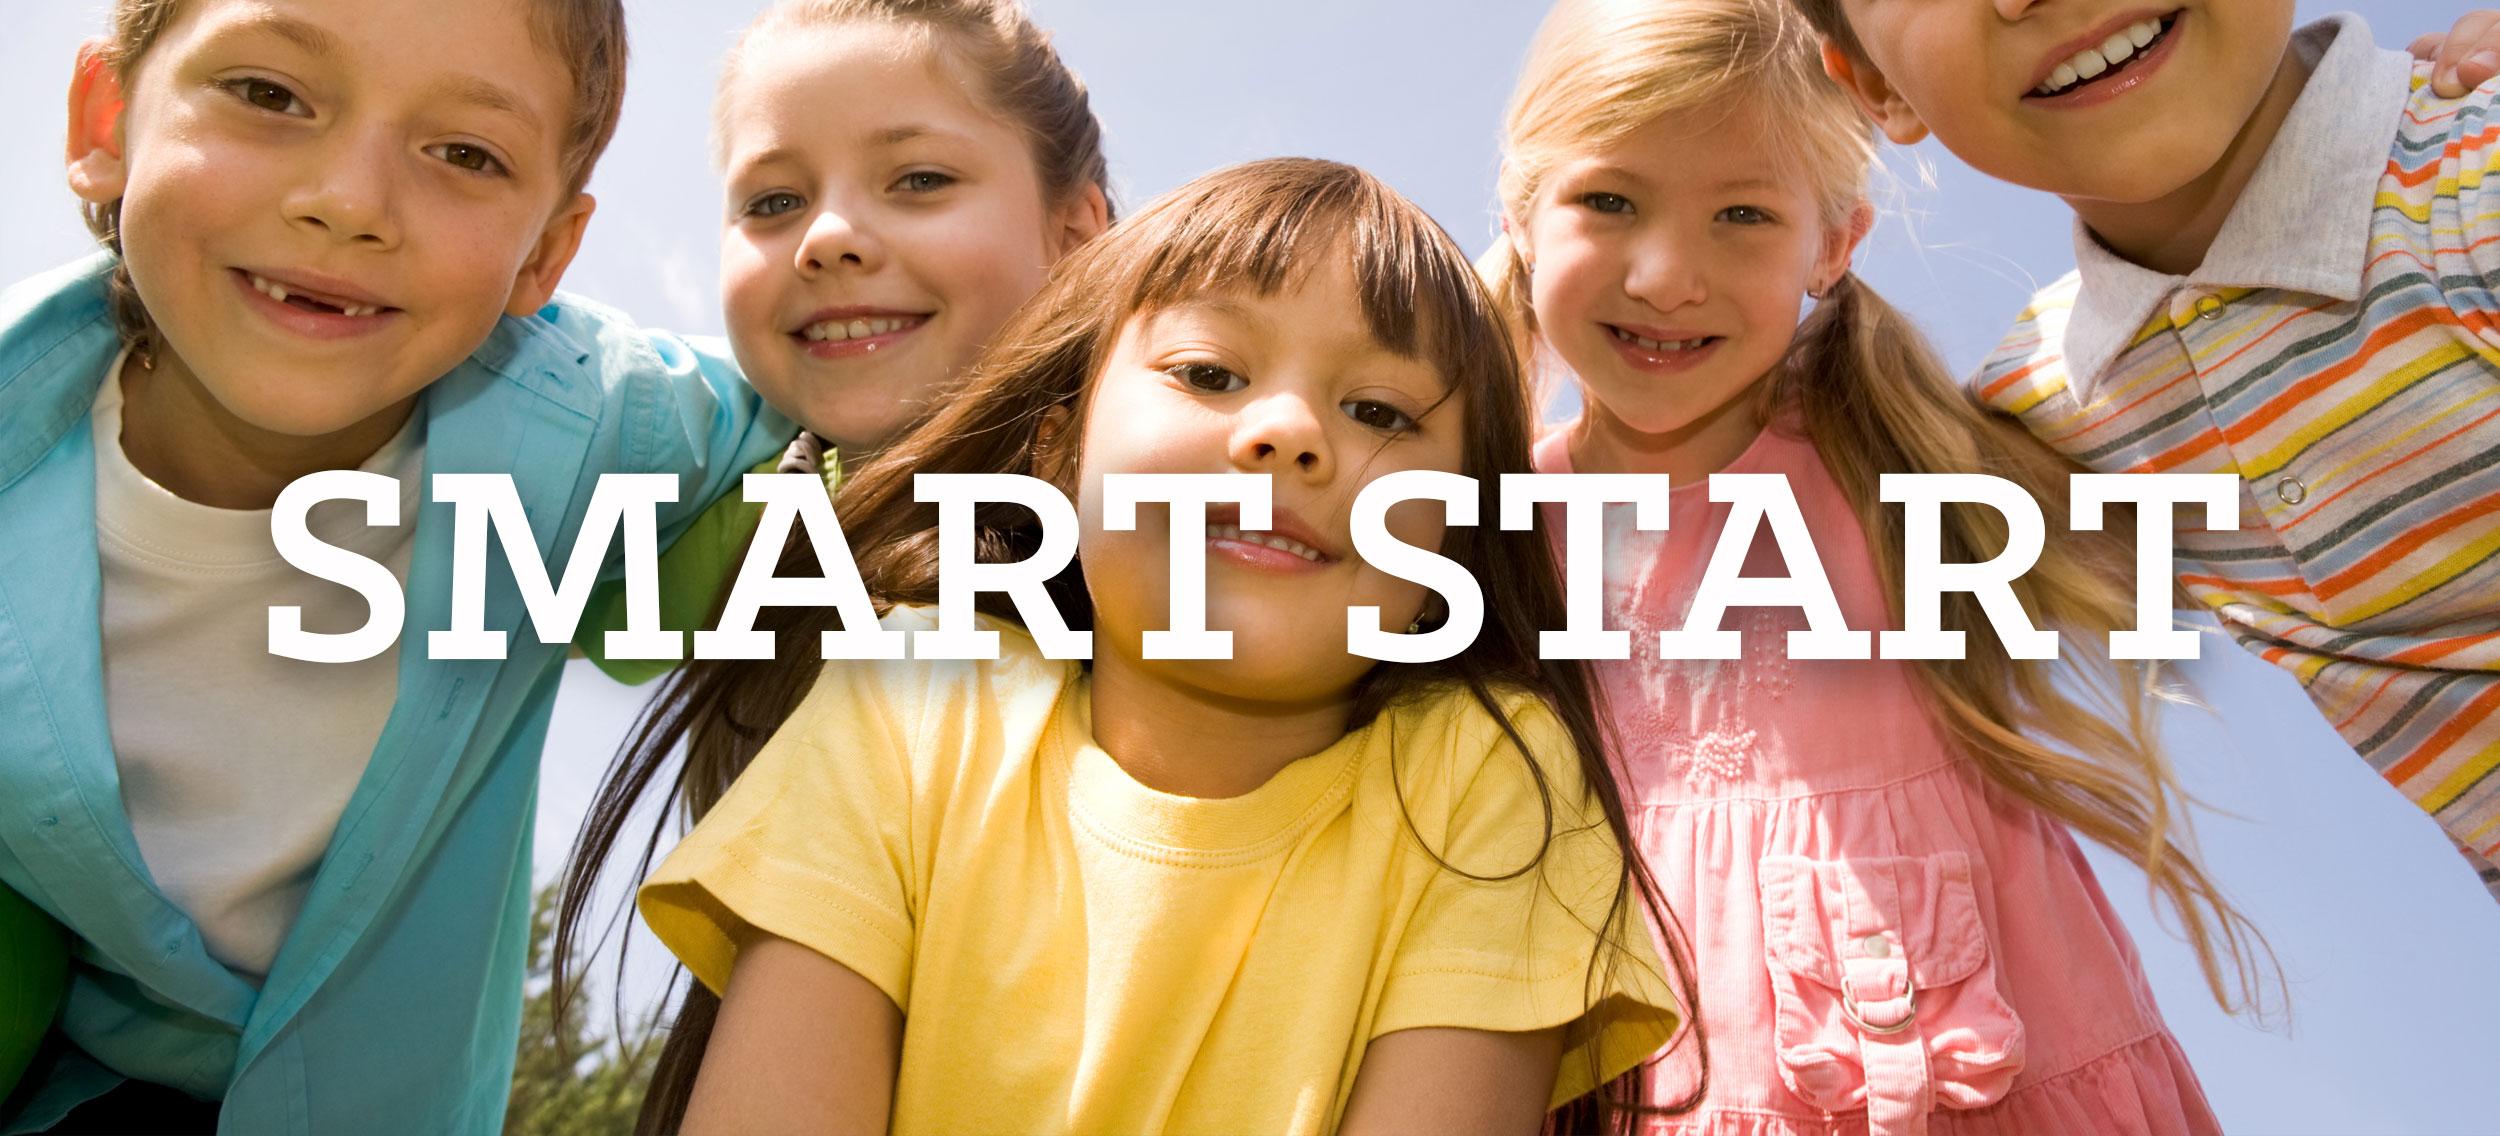 smartstart_header.jpg